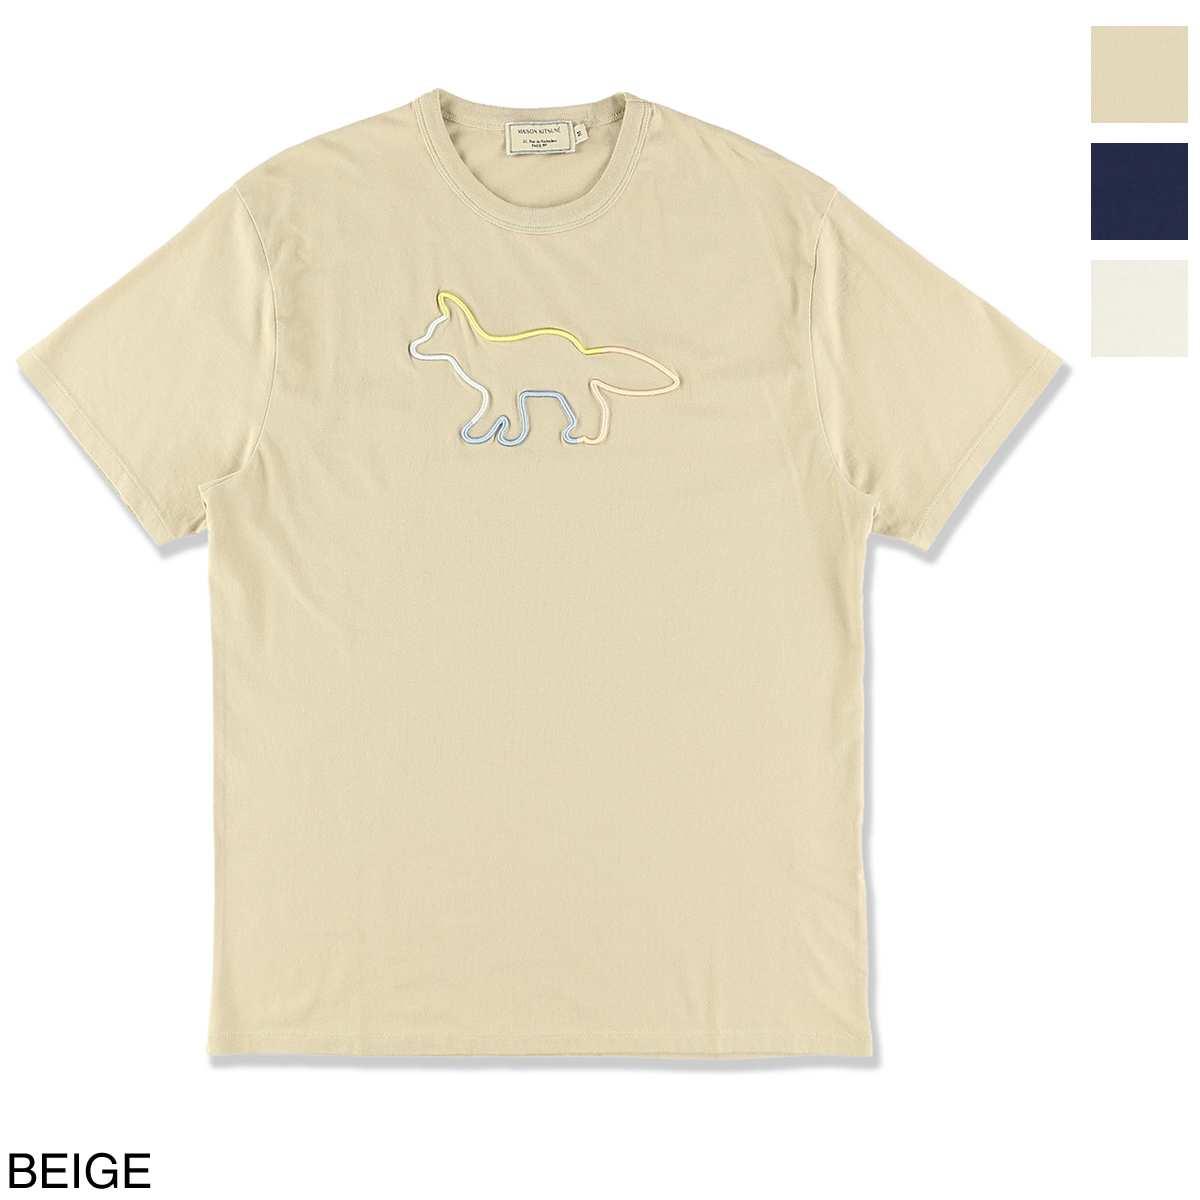 メゾンキツネ MAISON KITSUNE クルーネックTシャツ メンズ em00155kj0010 be RAINBOW PROFILE FOX EMBROIDERY【あす楽対応_関東】【返品送料無料】【ラッピング無料】